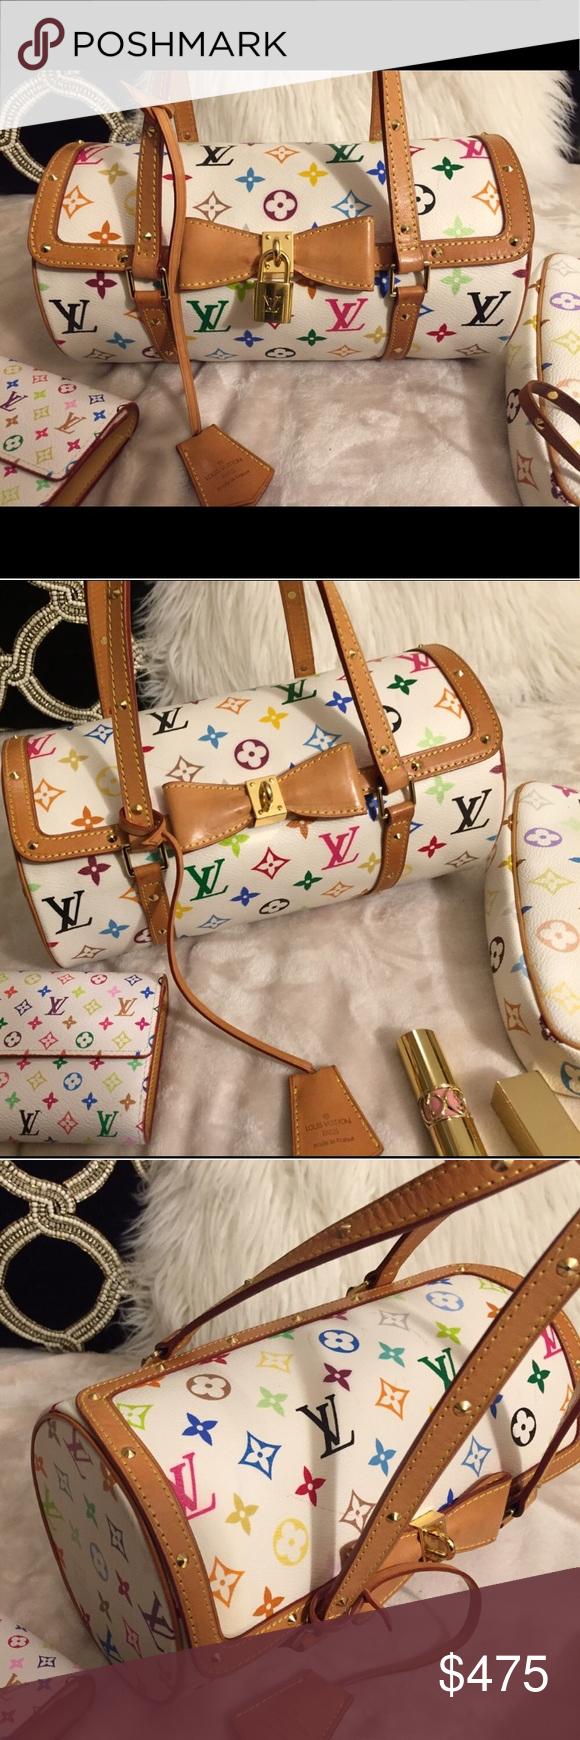 3180c13833 Louis Vuitton multicolore papillon 🎀 Gorgeous GORGEOUS Louis Vuitton  multicolore papillon bag 🎀This bag is